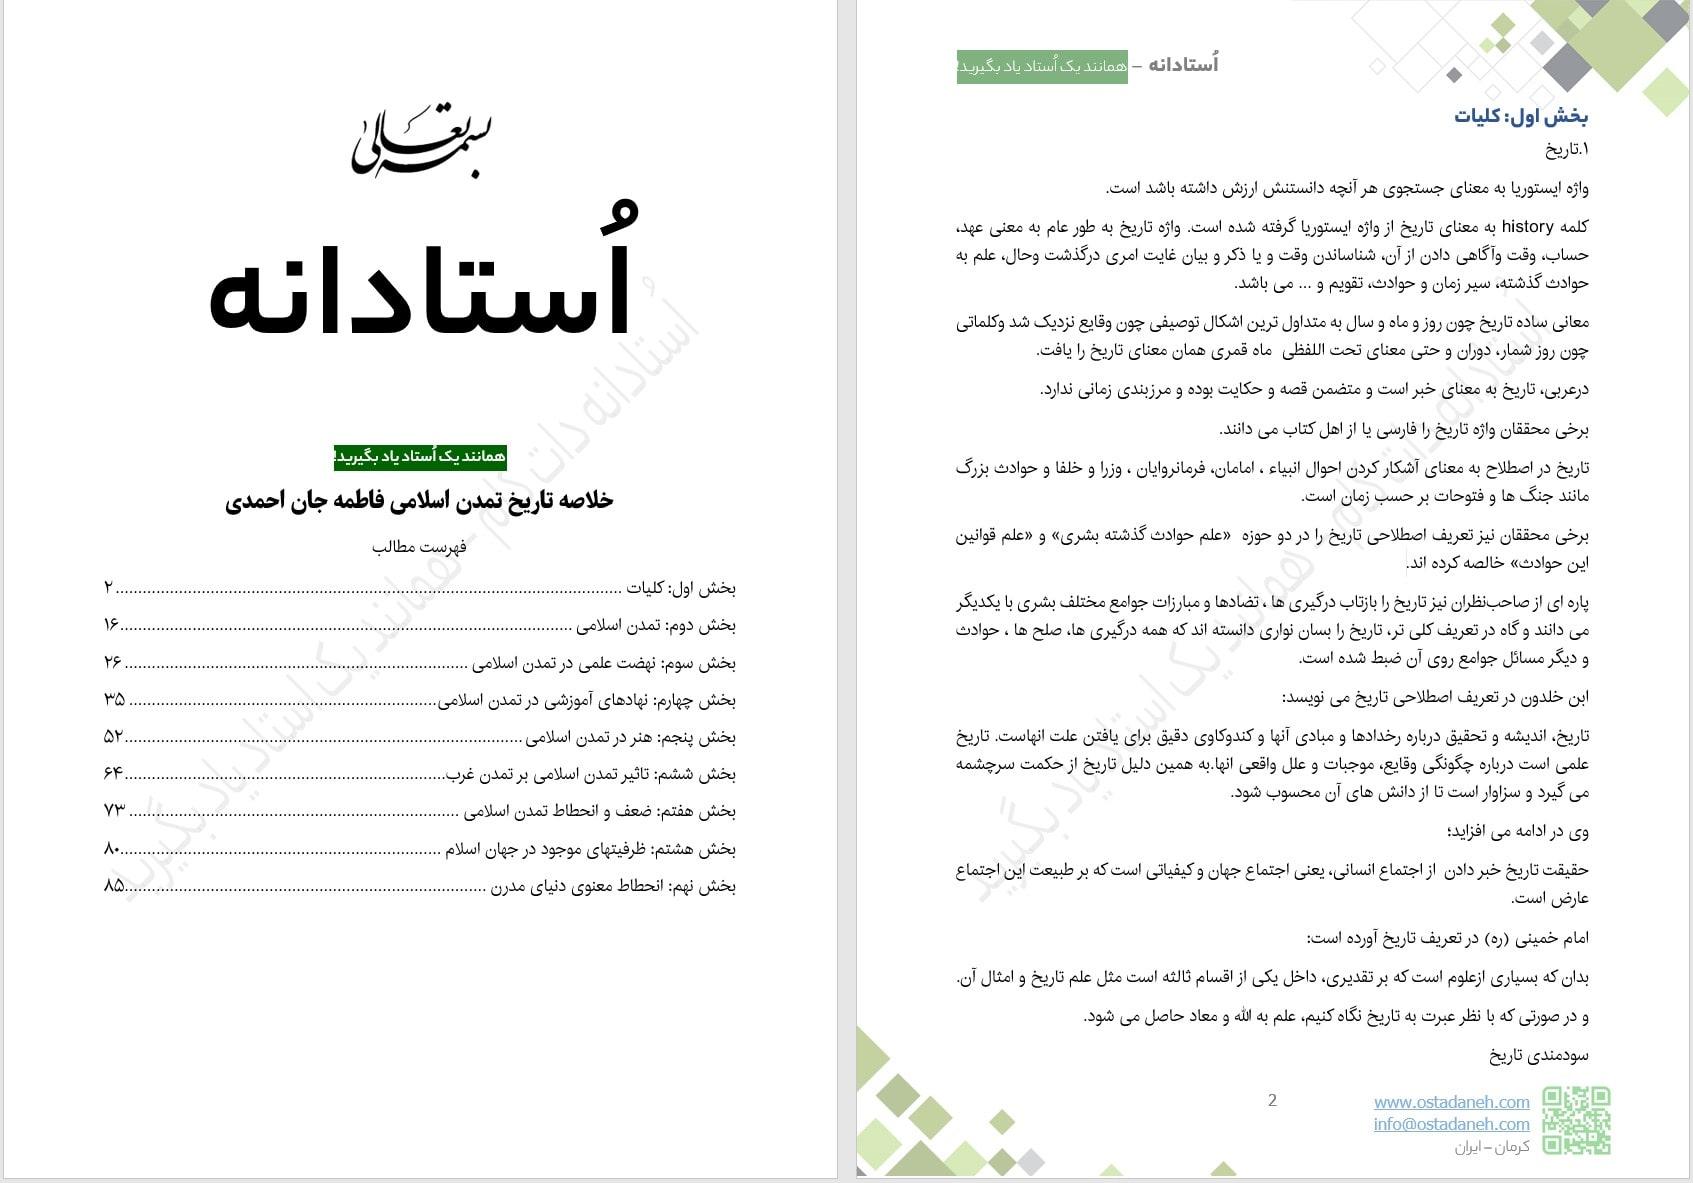 تصویر خلاصه تاریخ فرهنگ و تمدن اسلامی فاطمه جان احمدی